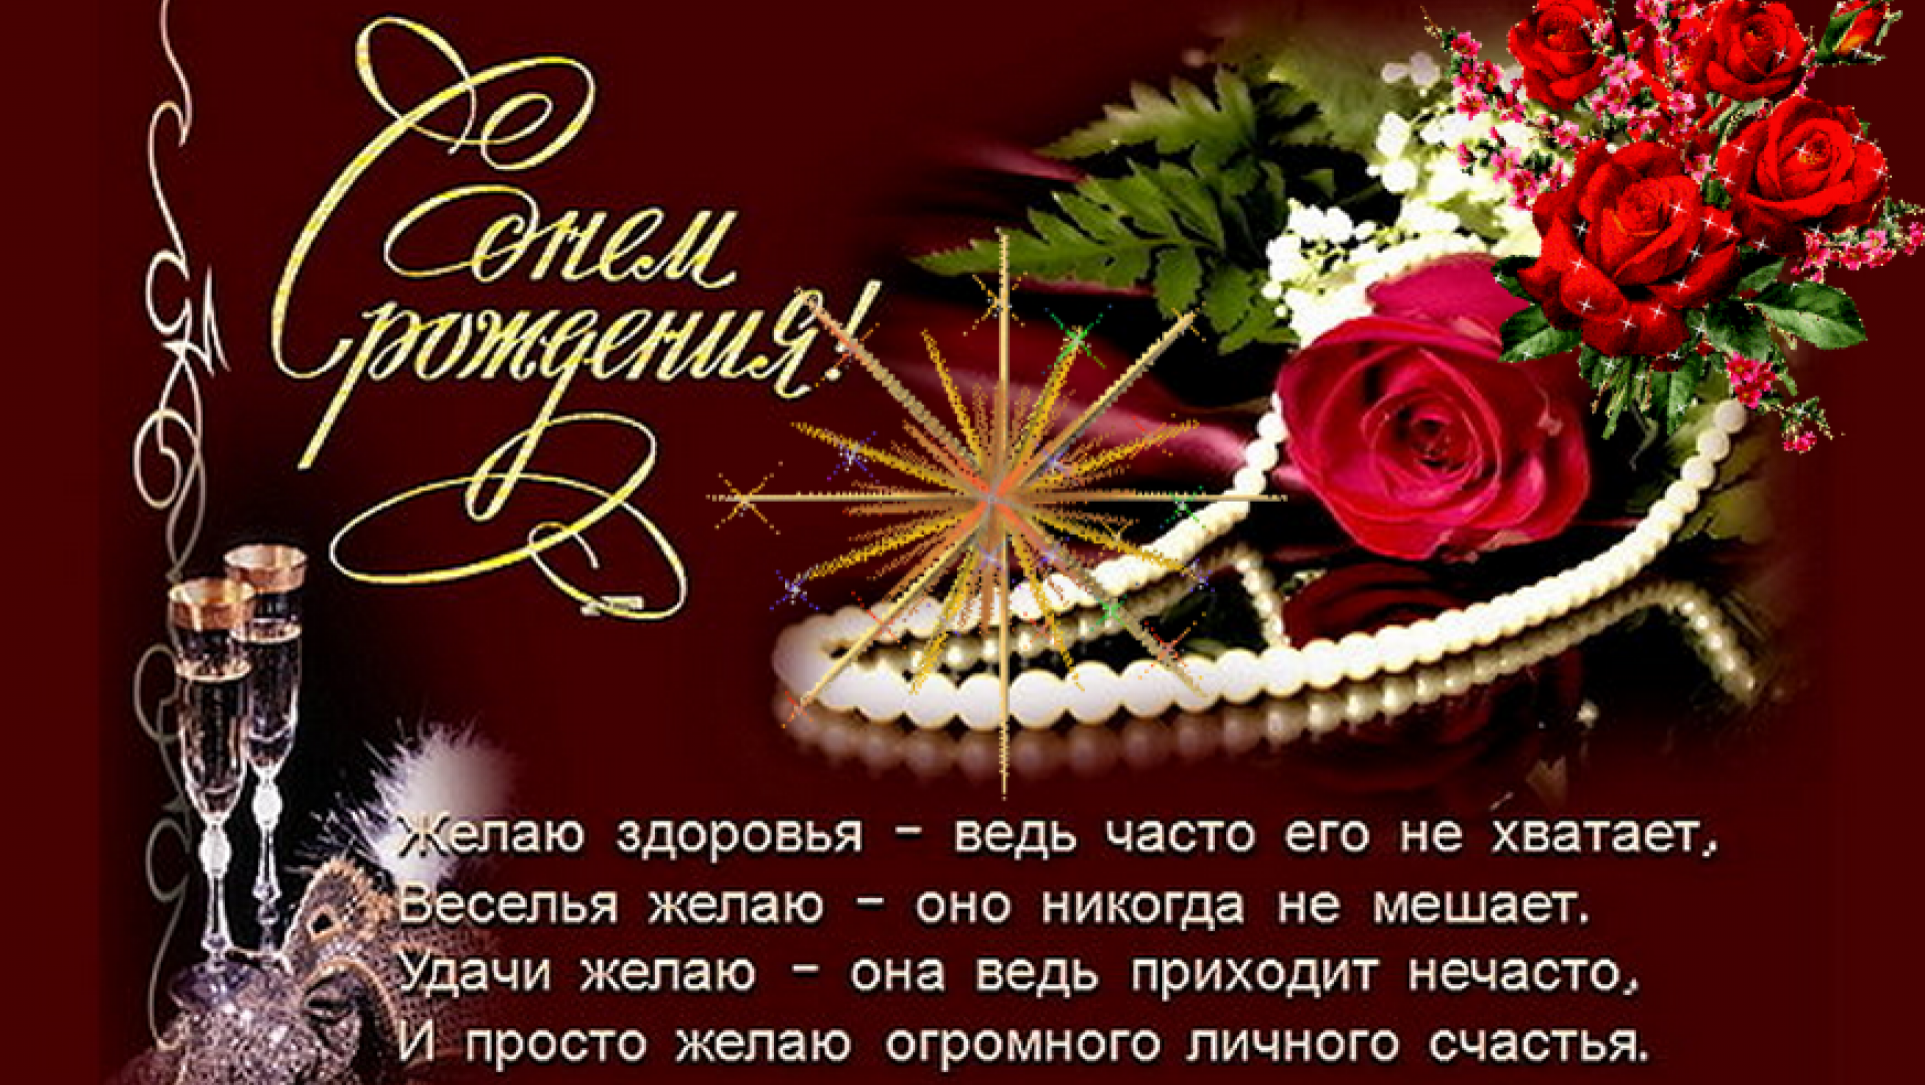 С днем рождения александр поздравления плейкаст